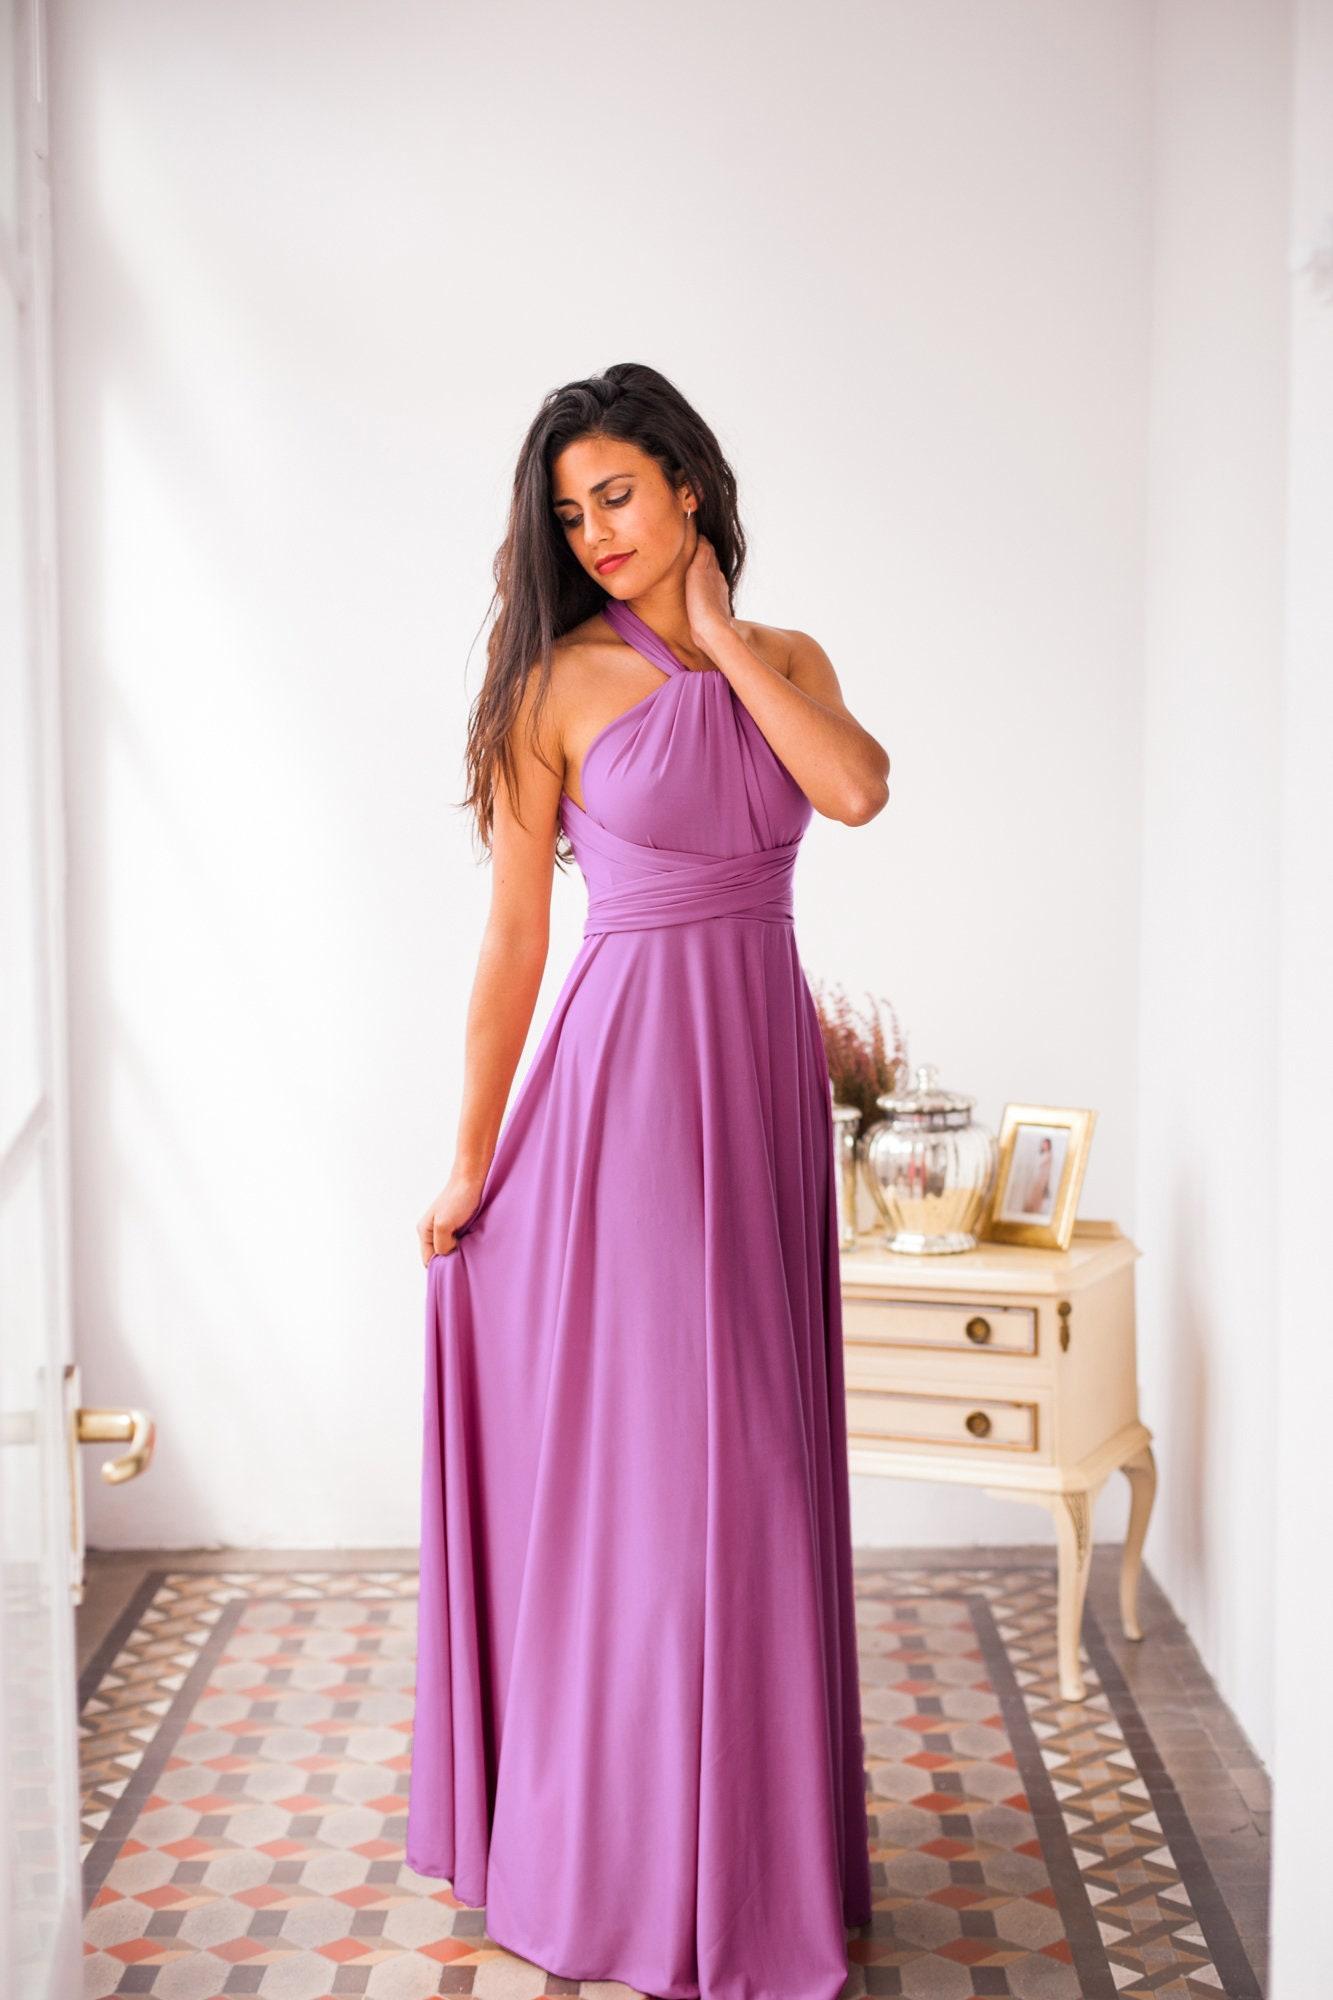 Vestido largo violeta Vestido lila de noche Vestido de noche